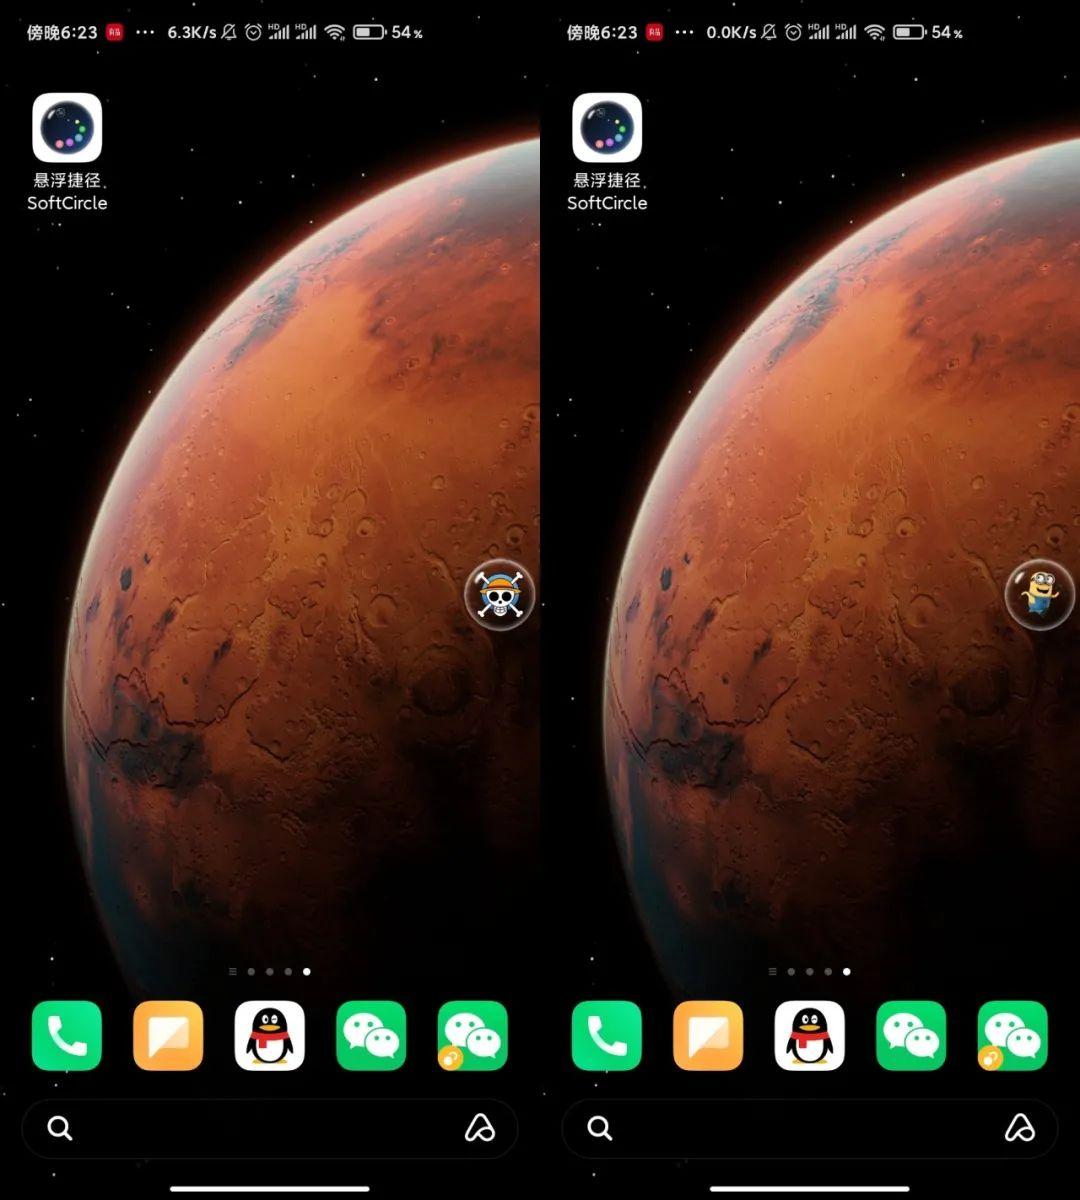 我又从评论区挖到宝了:安卓也能用上iPhone上的镇店之宝了!